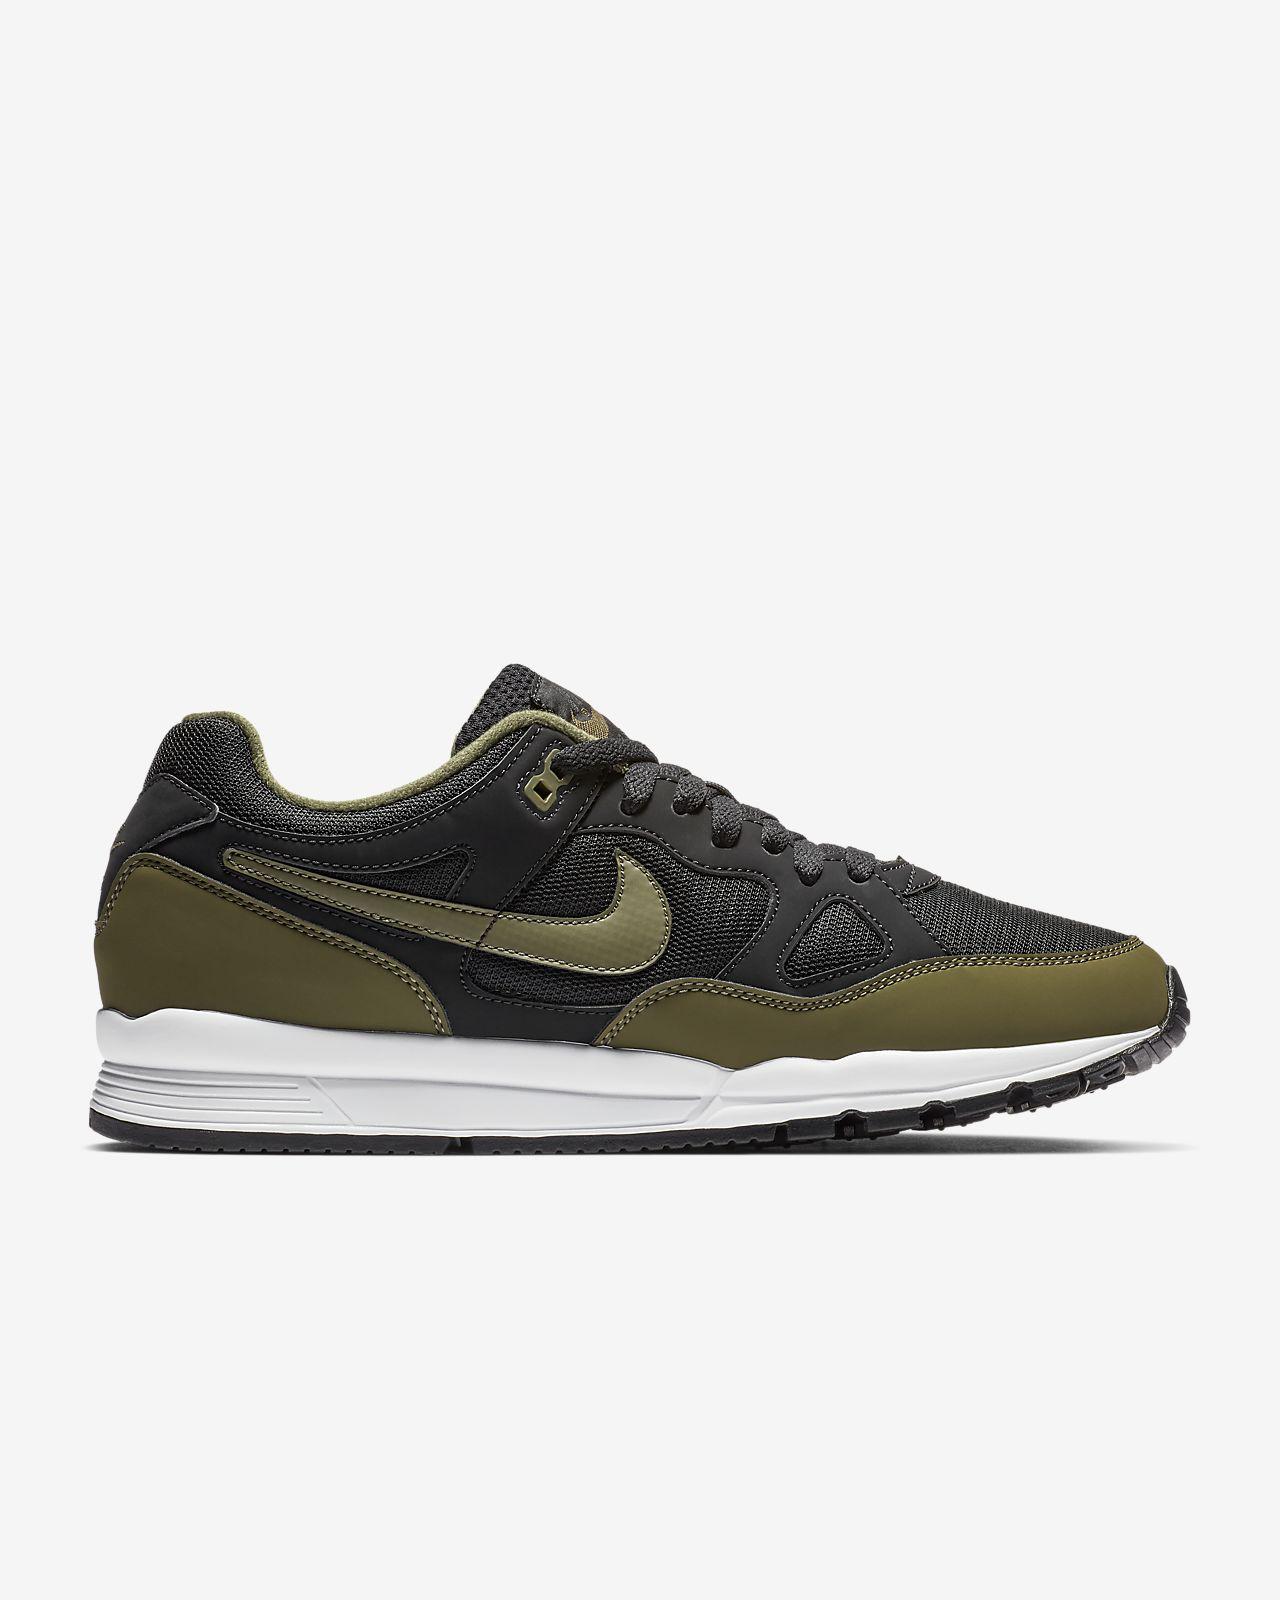 sports shoes 225cd 22a62 ... Nike Air Span II Men s Shoe